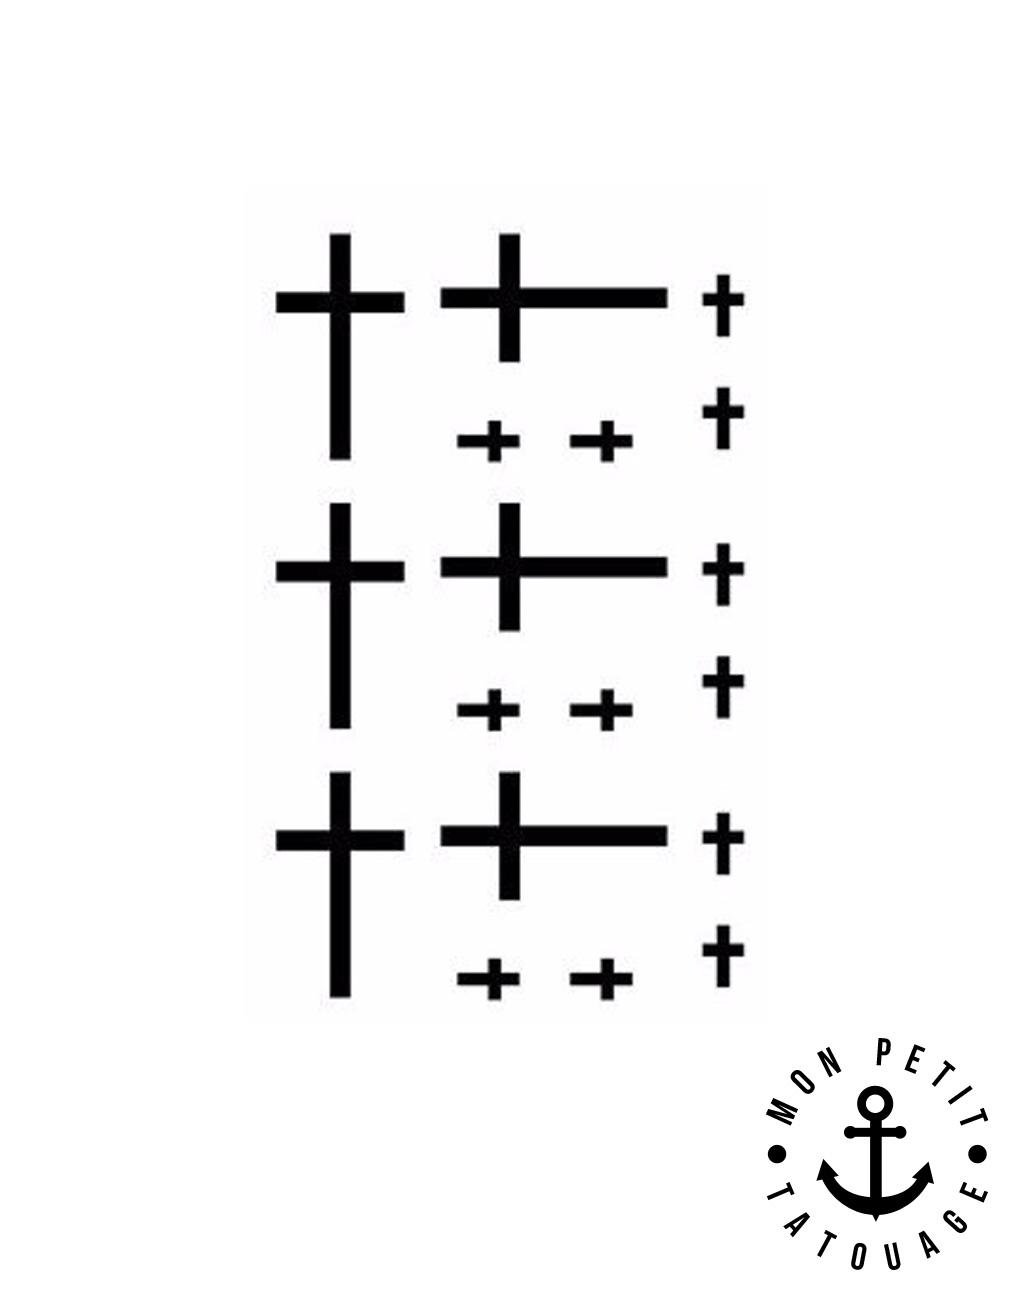 Tatouage petite croix galerie tatouage - Tatouage croix main ...